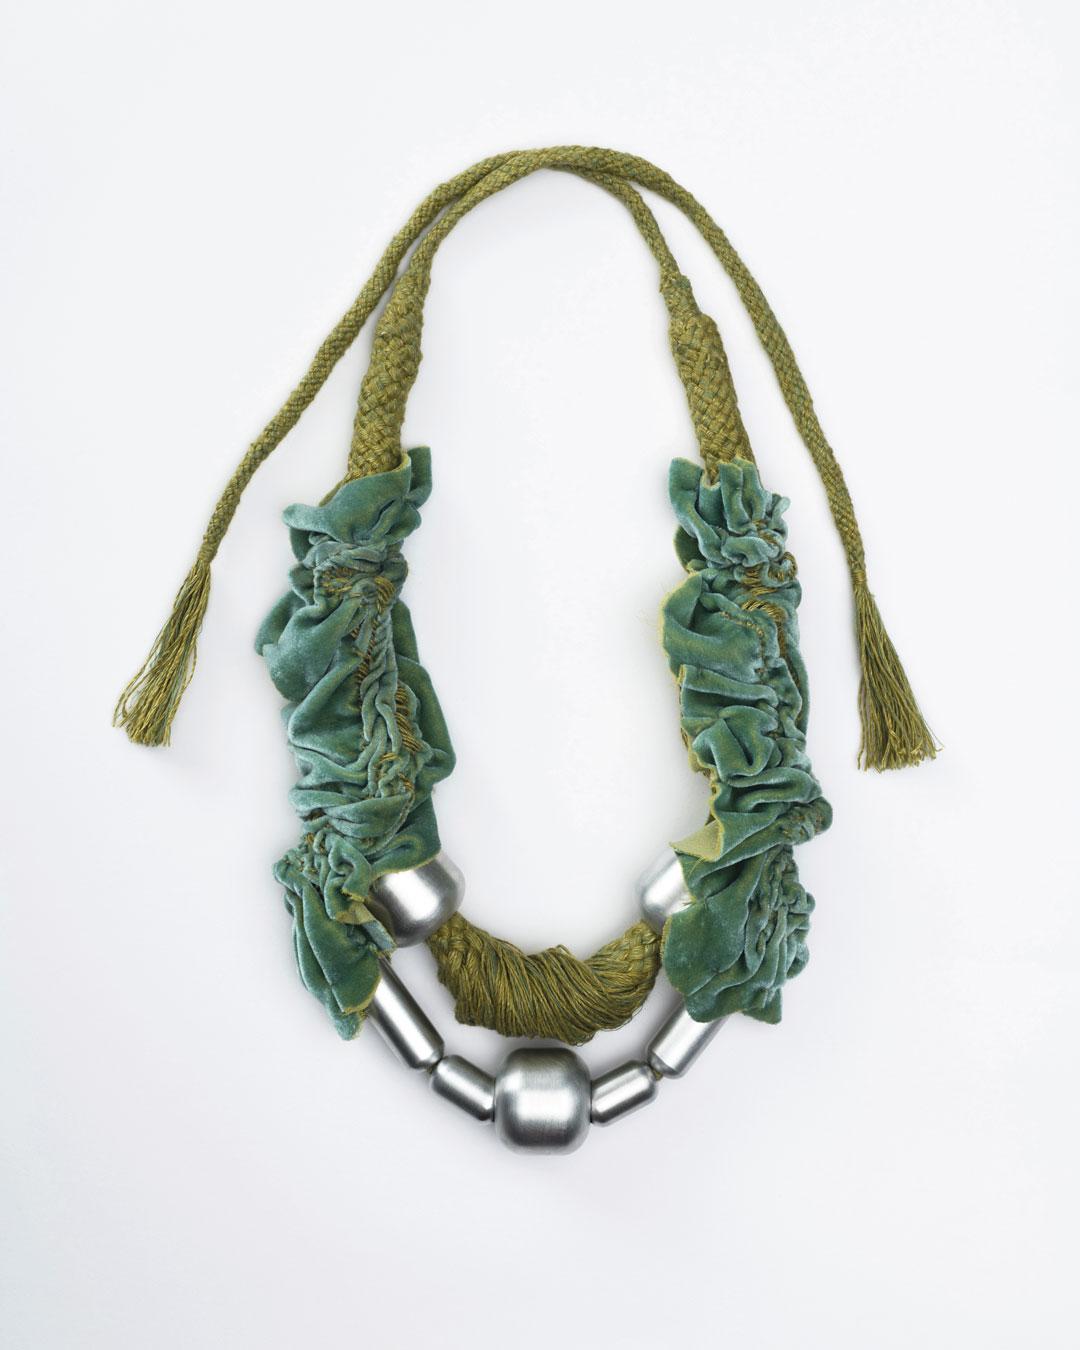 Ineke Heerkens, Lovely Lobe, 2017, necklace; linen, silk-velvet, aluminium, 360 x 190 x 50 mm, €2900